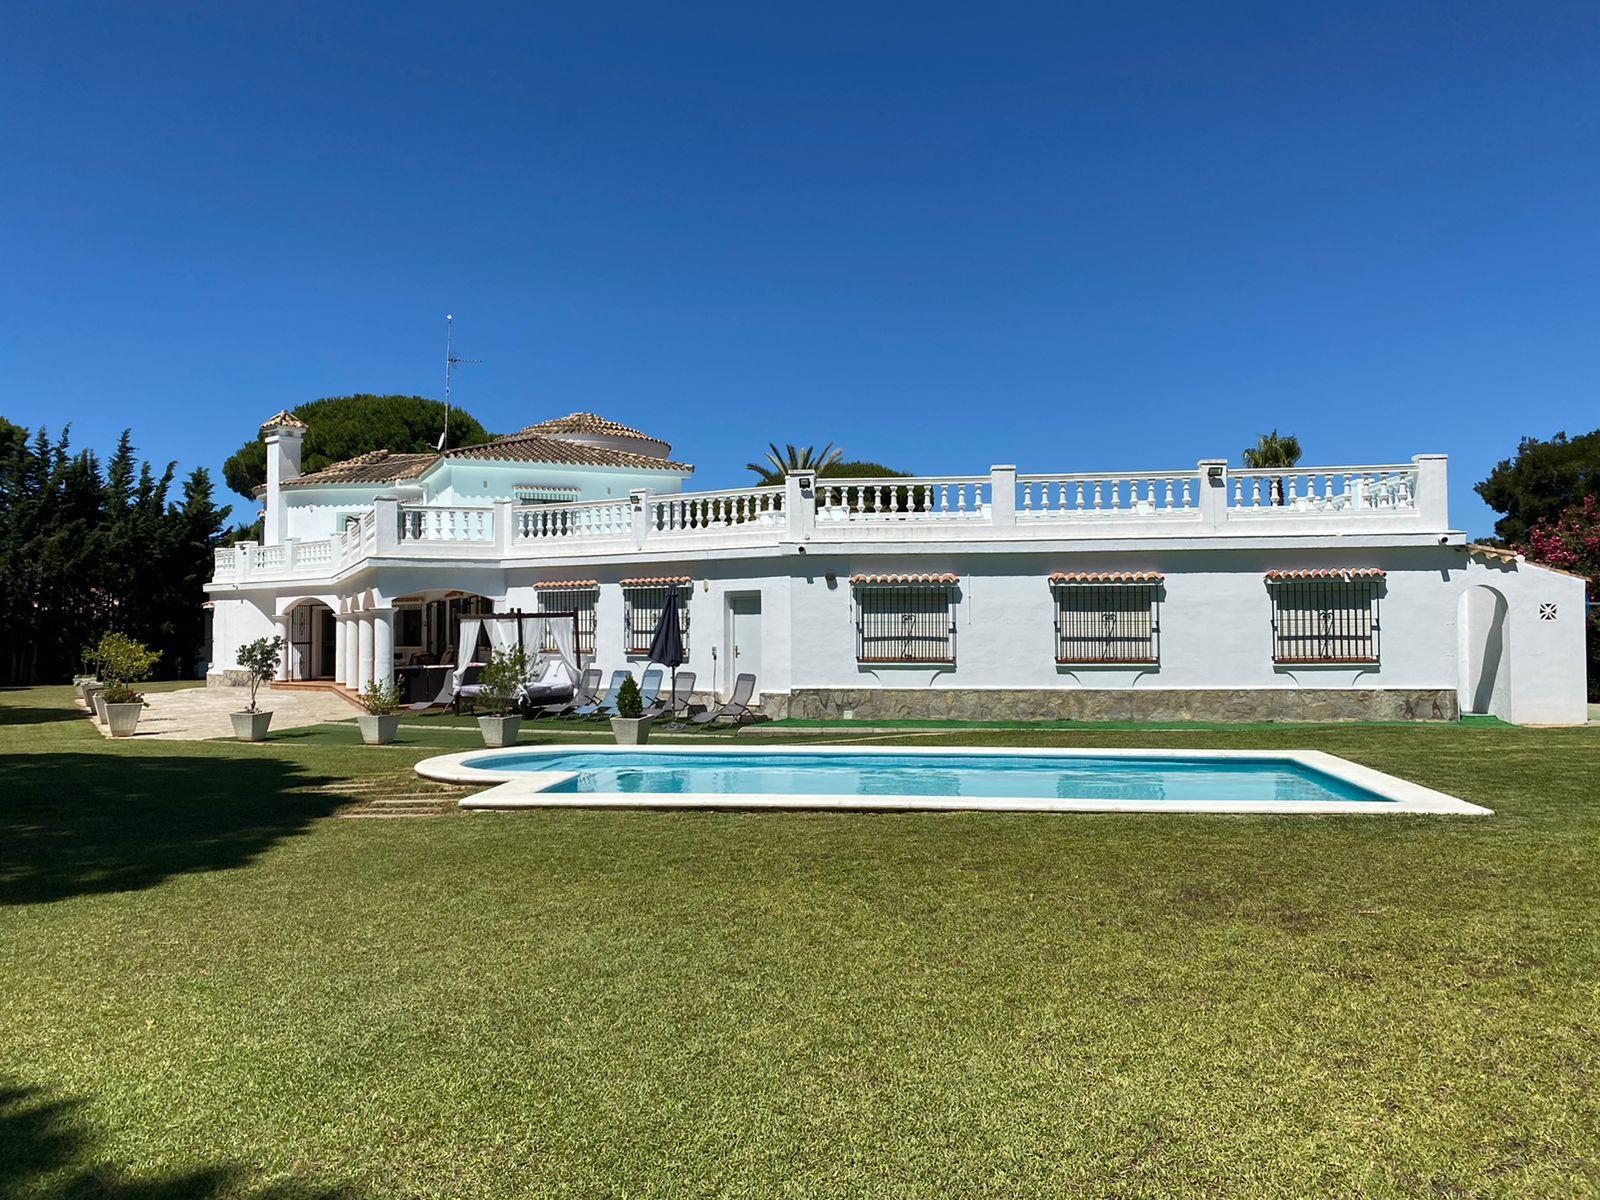 Las Palmeras,Villa grande y clásica  con piscina privada en Chiclana de la Frontera, Andalucía, España para 10 personas.....